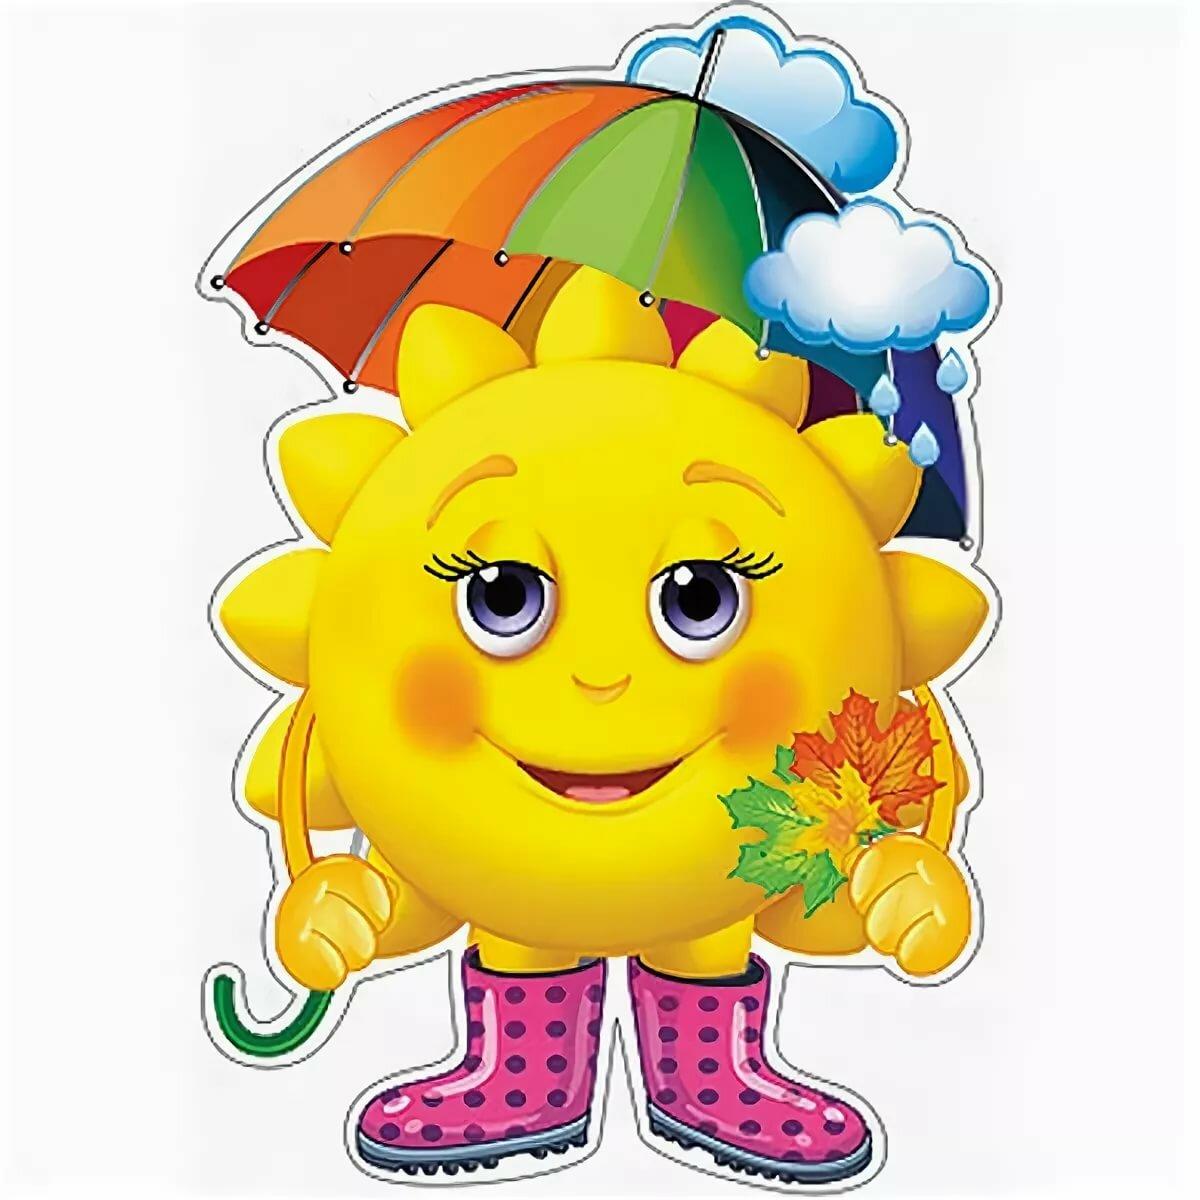 модель картинки с солнышком и цветами в цветном рисунке техническом